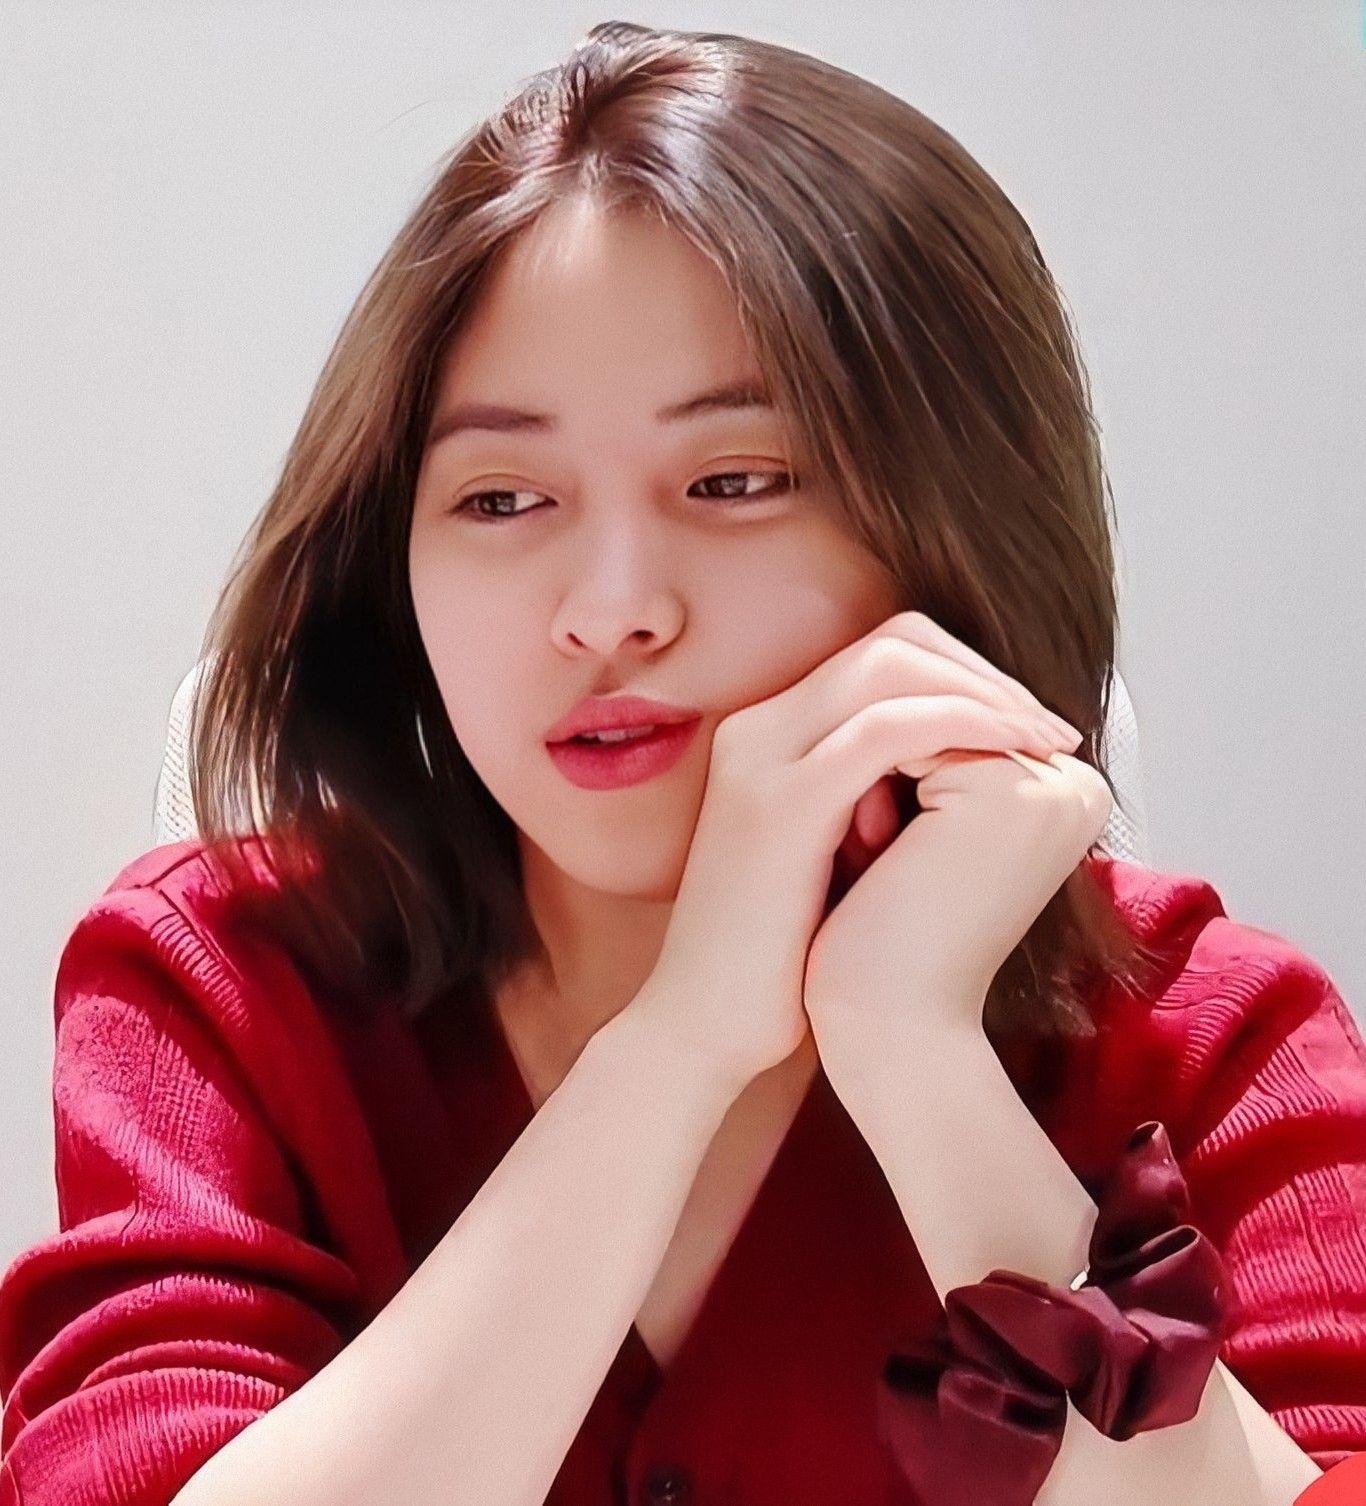 Pin oleh 秋生 di denden di 2020 Selebritas, Gadis korea